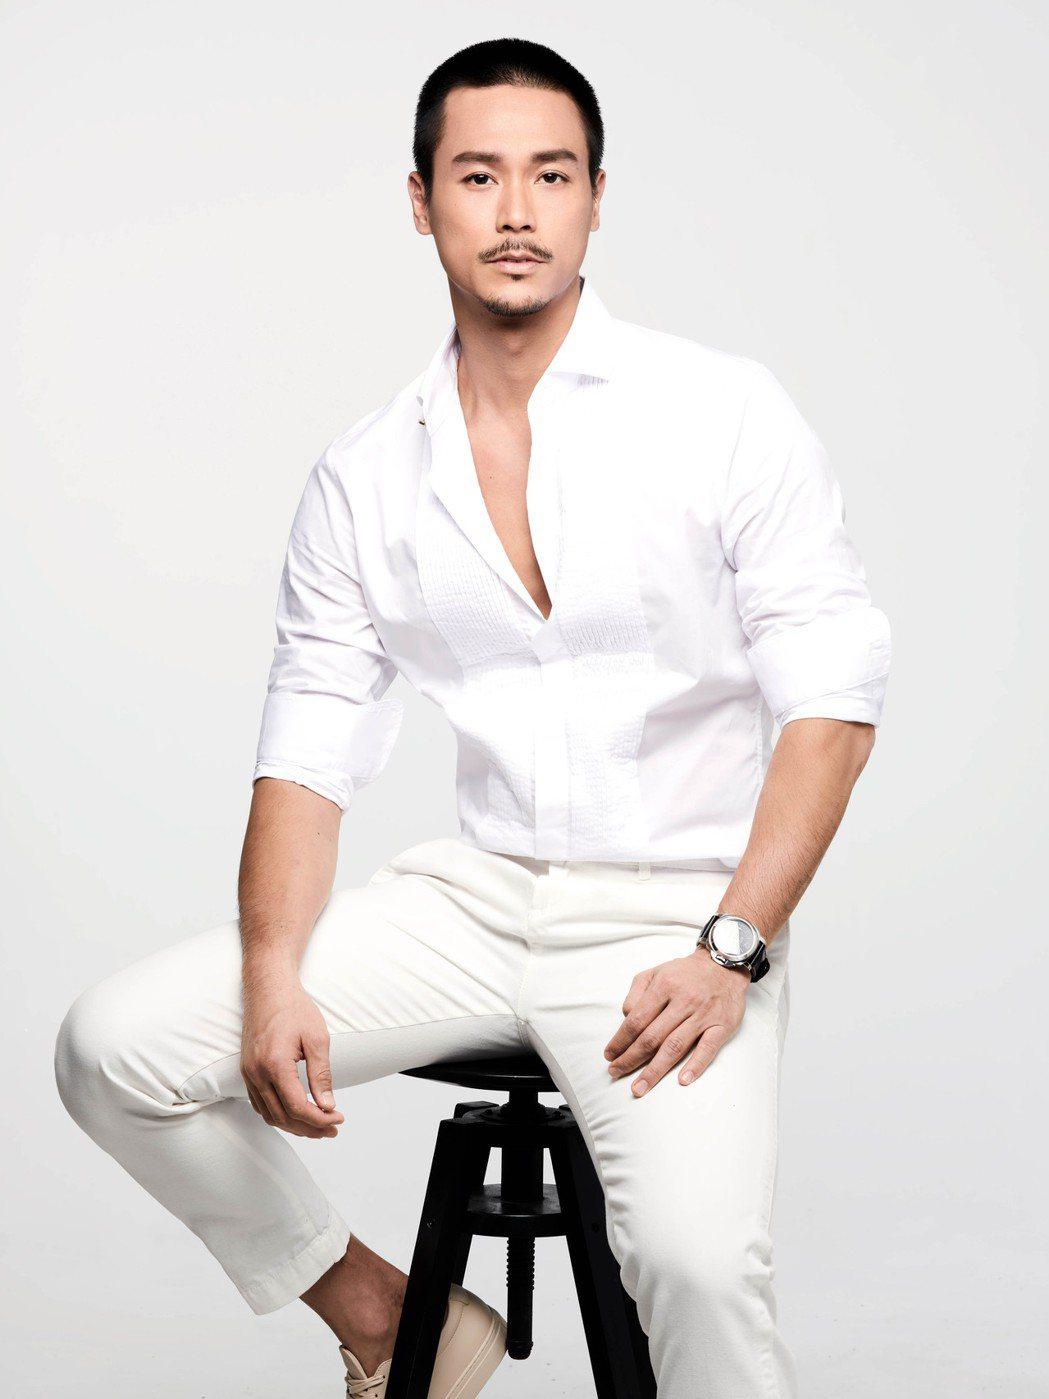 今年35歲的新加坡藝人陳邦鋆宣布簽入伊林,將來台發展演藝事業。圖/伊林娛樂提供